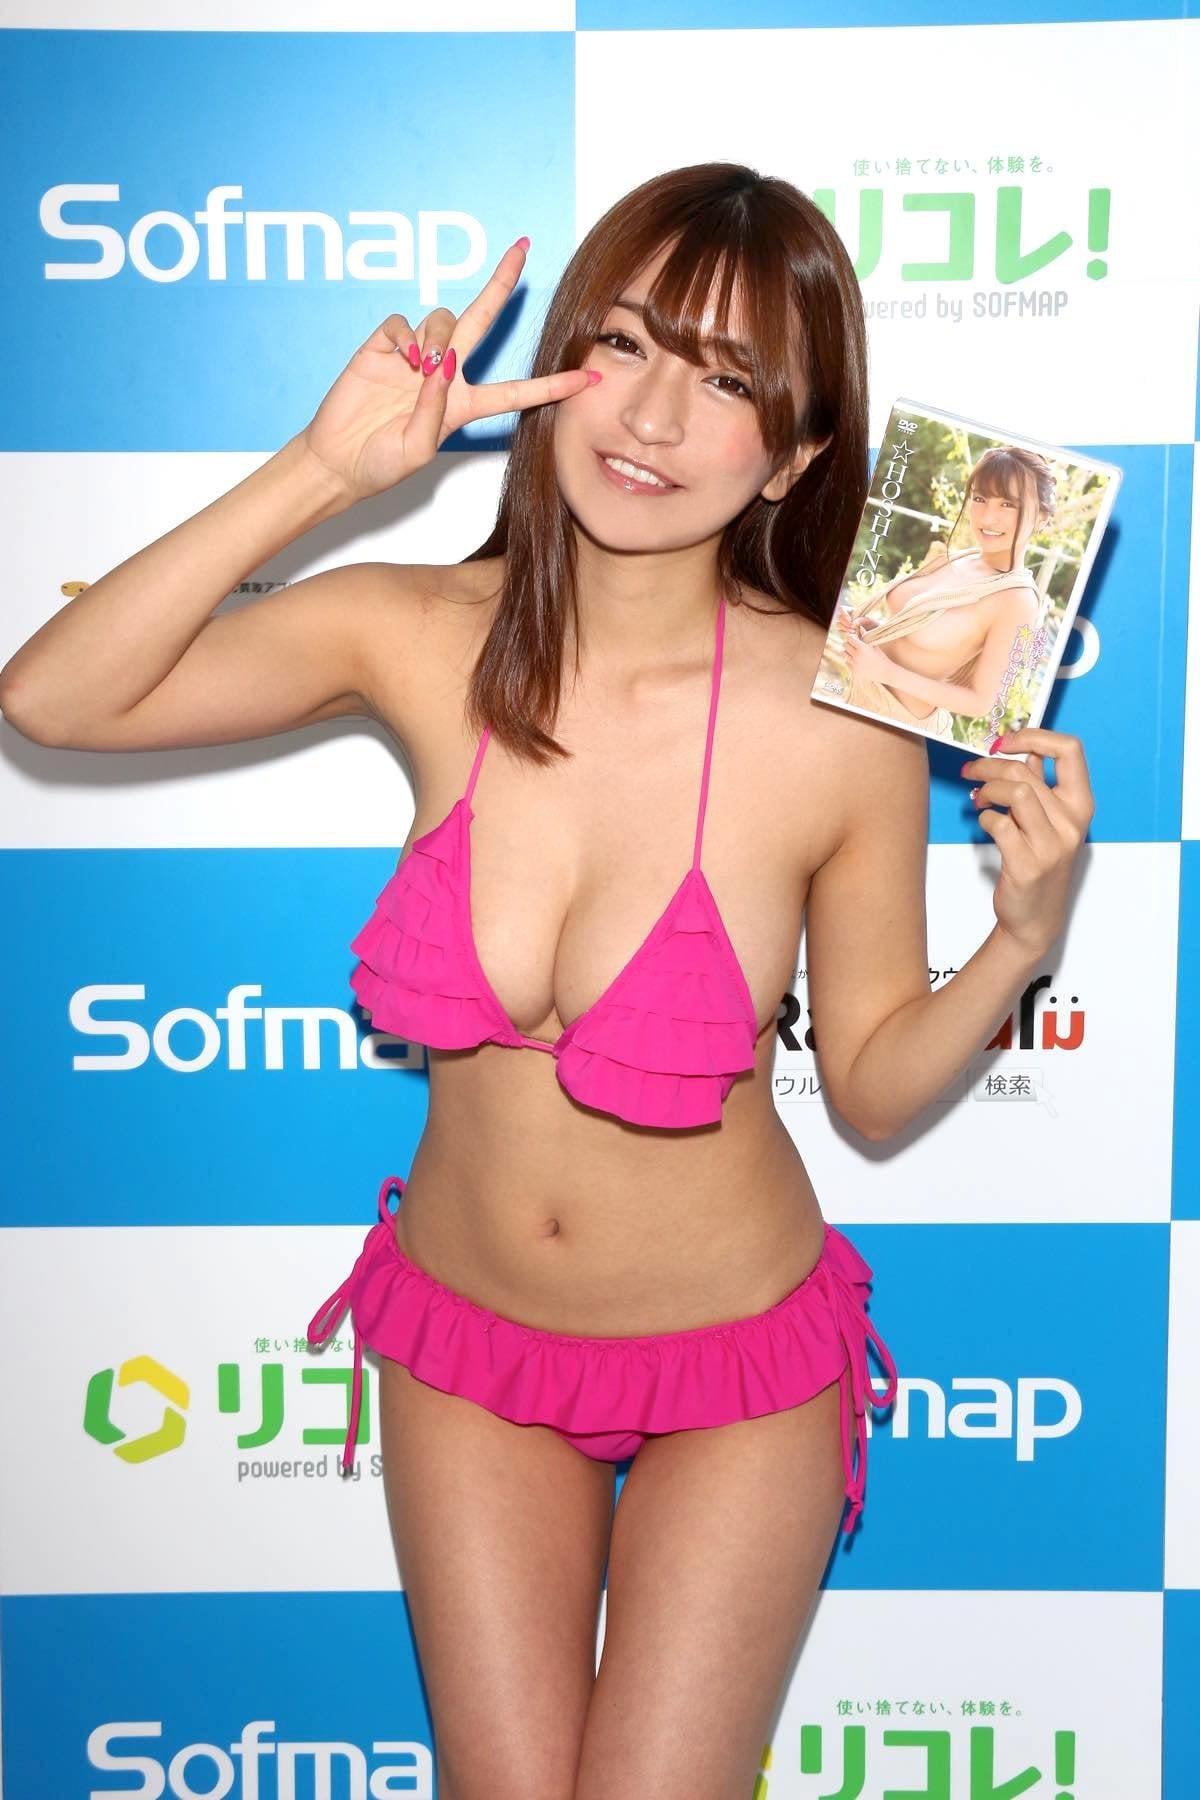 ☆HOSHINO「シャツがどんどん透けちゃう」エプロンはほぼ裸!【写真35枚】の画像034